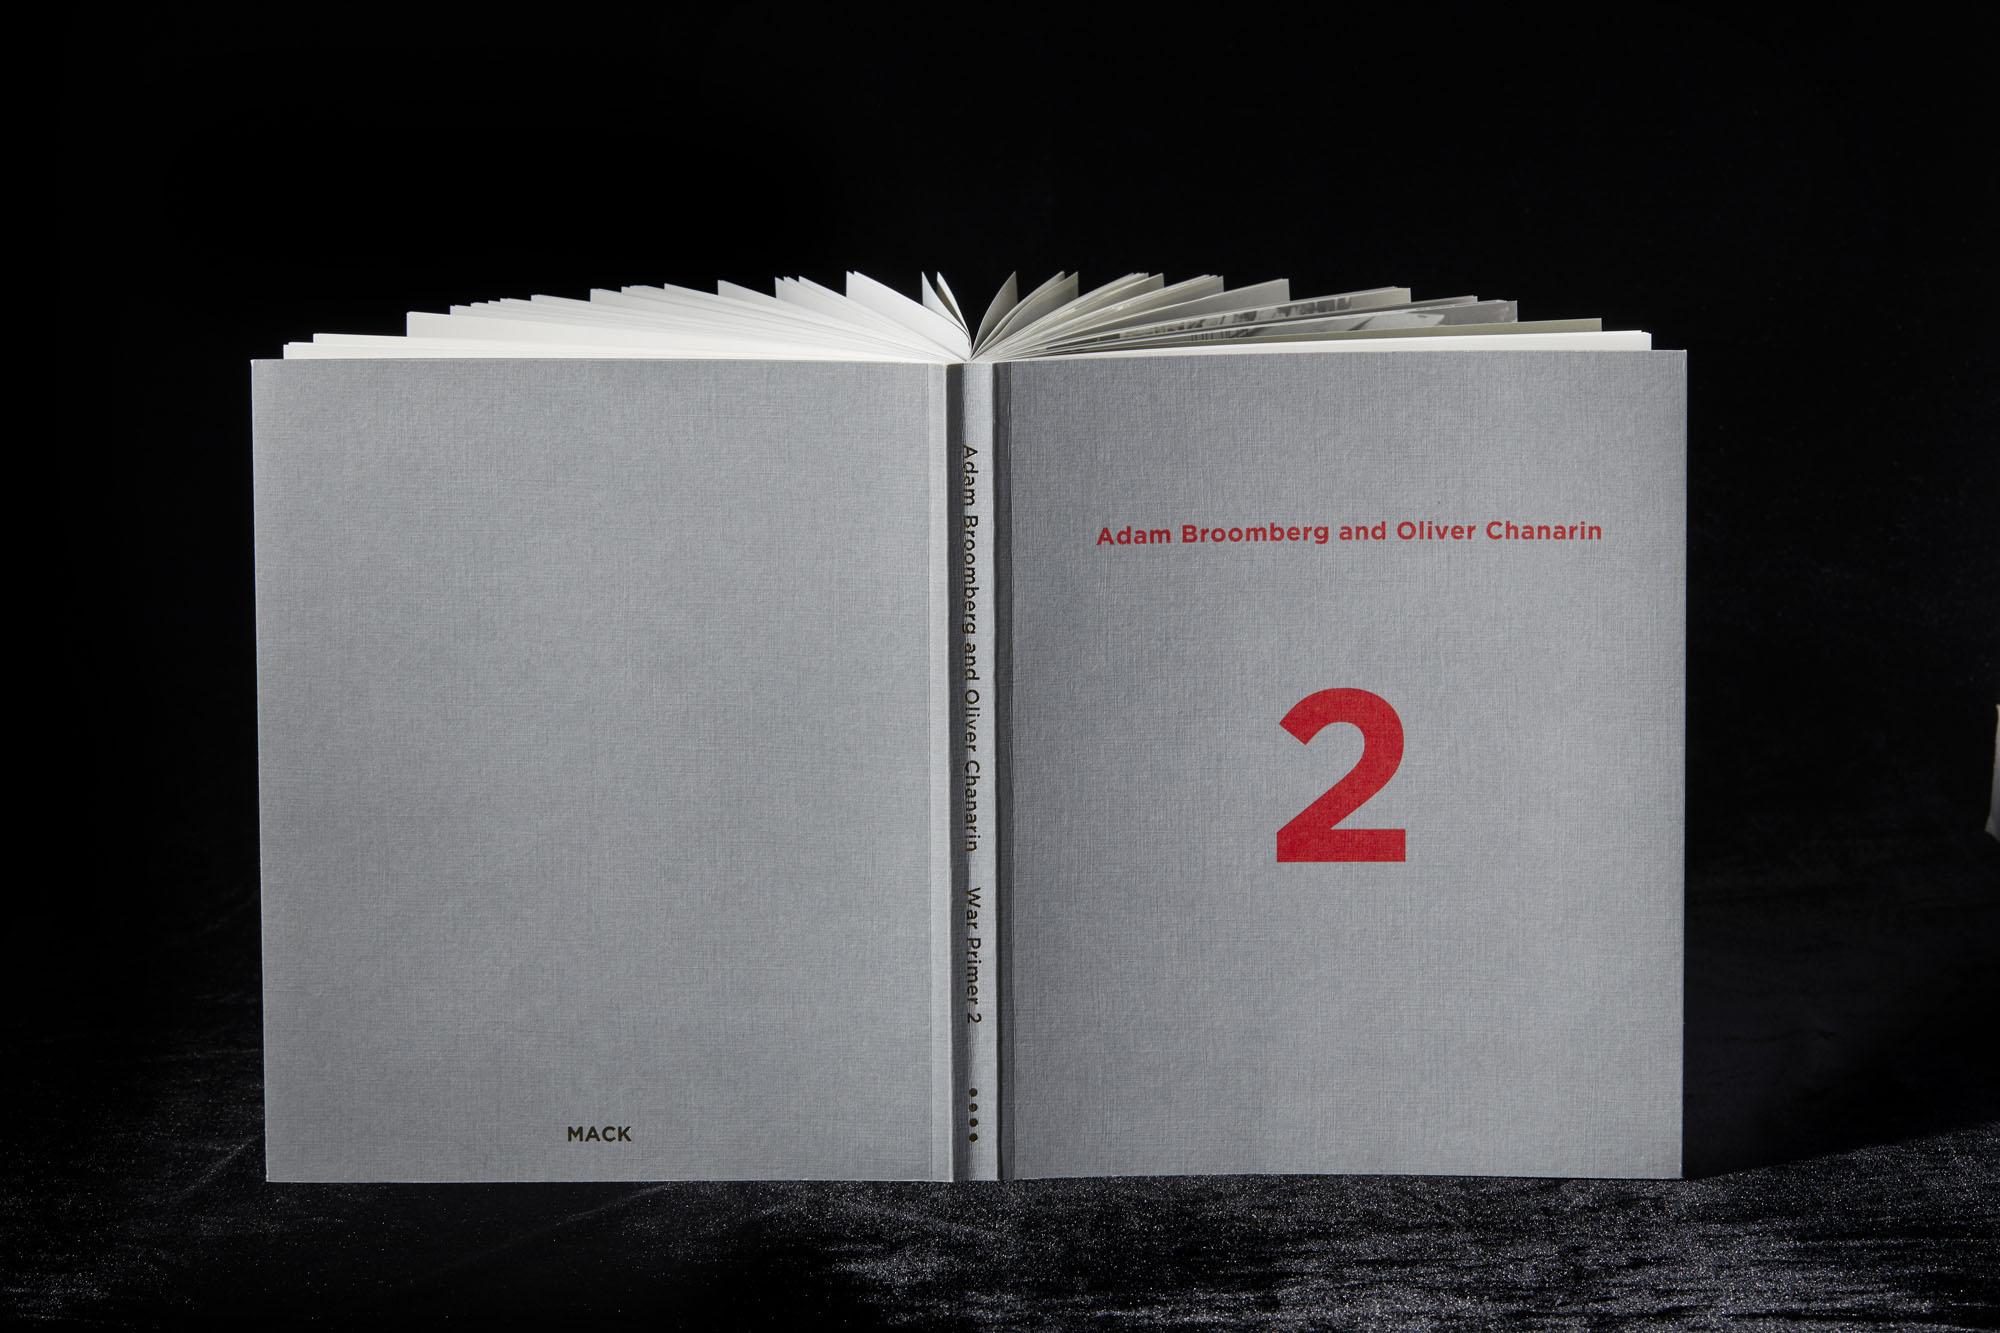 图文书奖得主  亚当•布伦博格&奥利弗•查纳林  《战时总理2》  马克出版社,英国伦敦